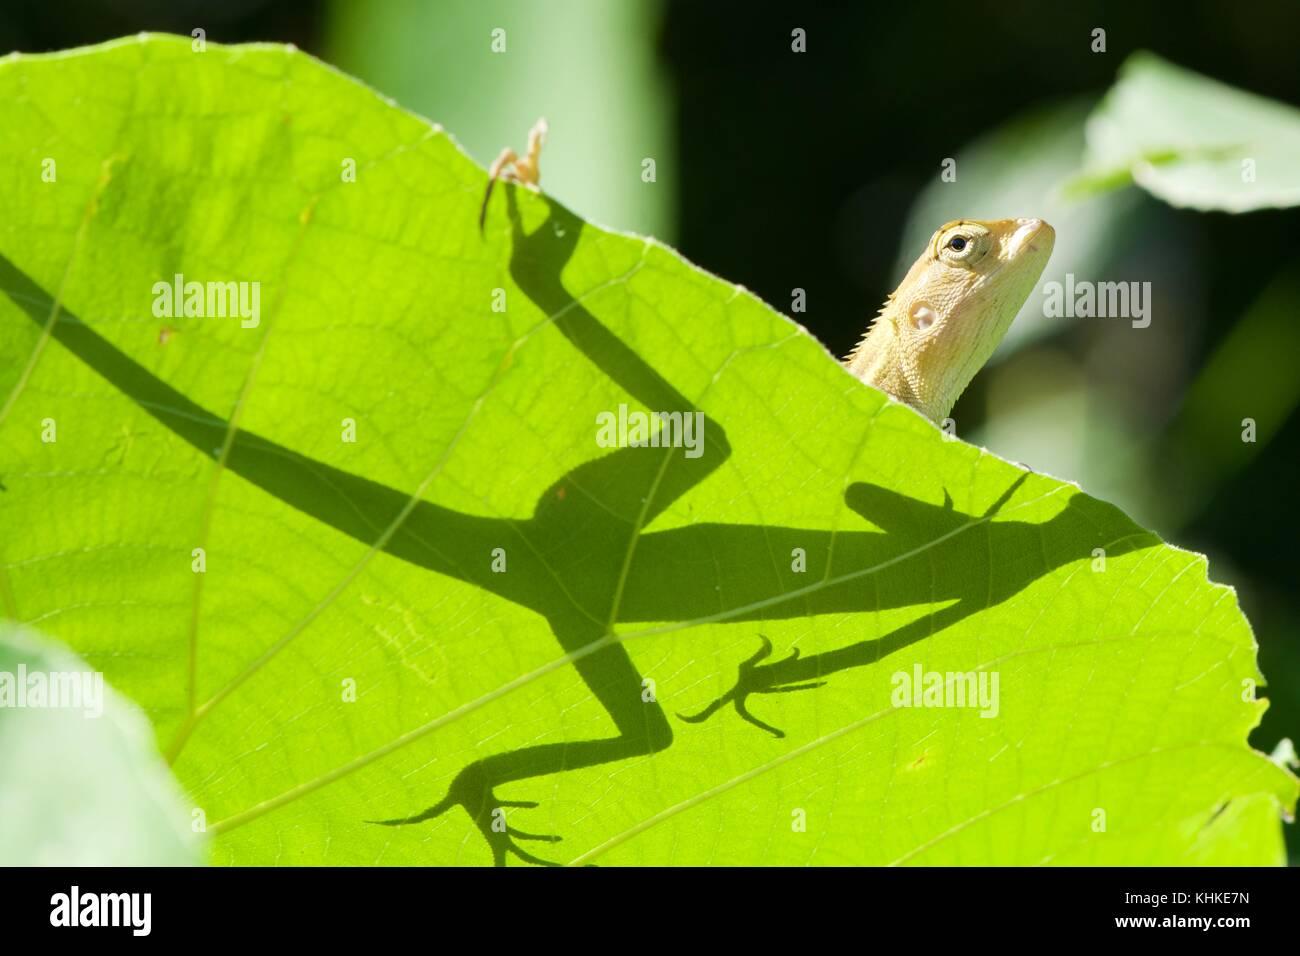 Fein Basilisk Eidechse Färbung Seite Fotos - Entry Level Resume ...